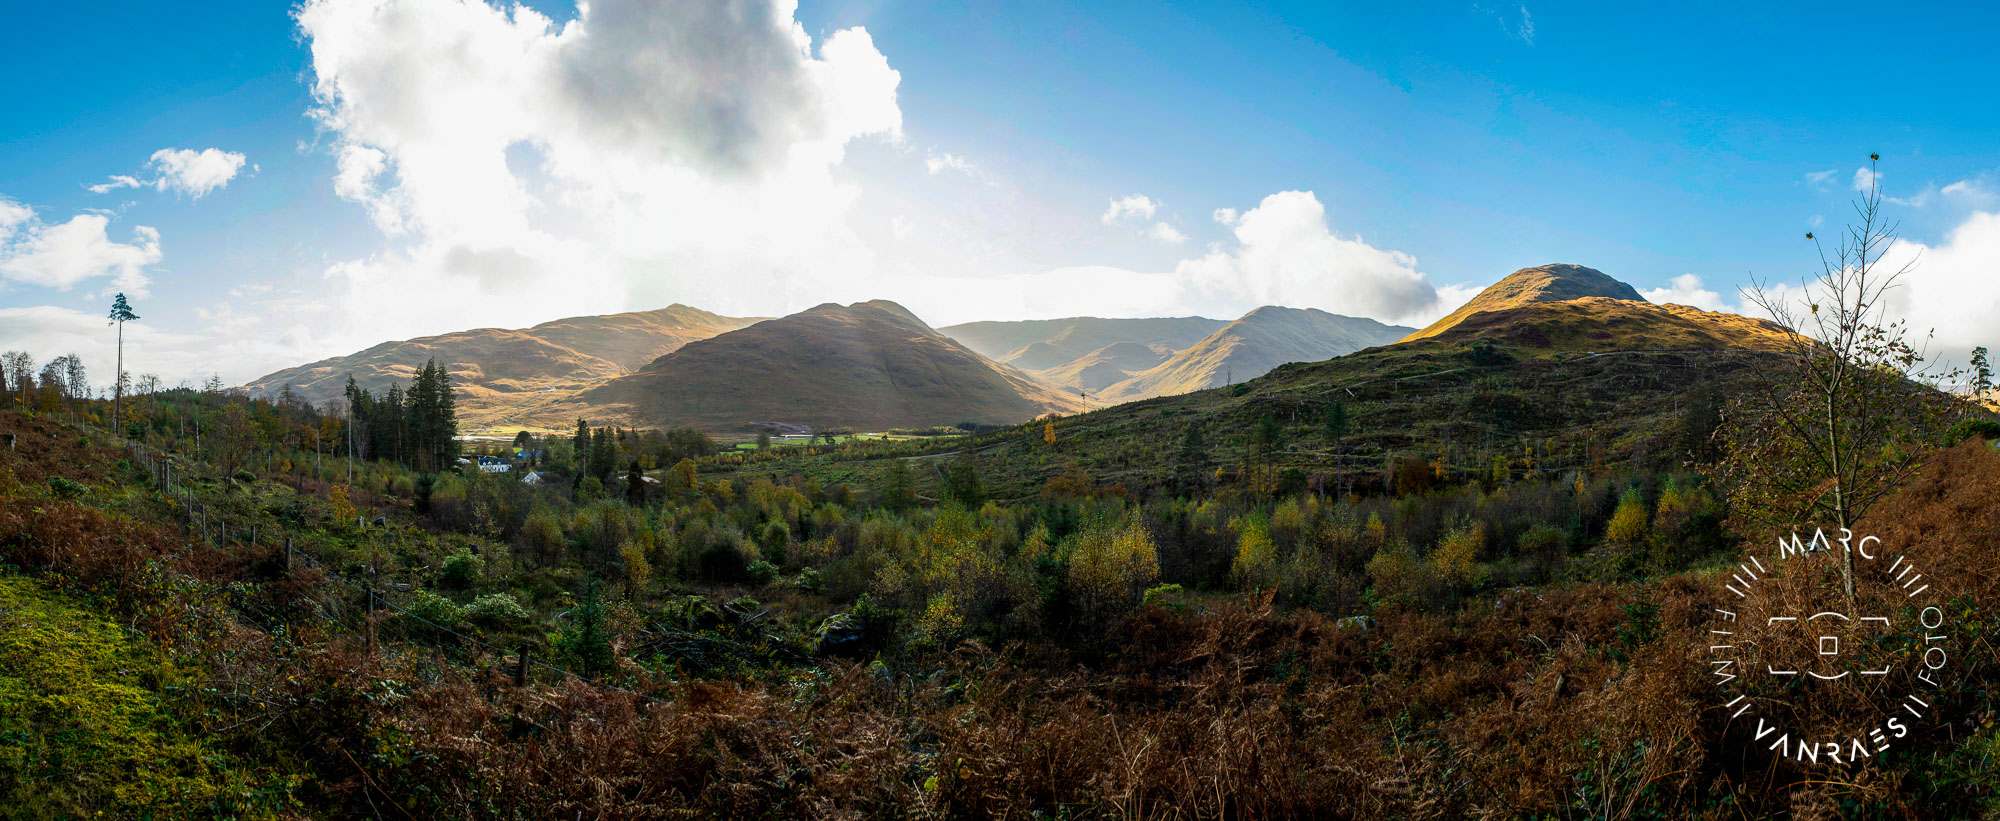 © Deze foto's van Fort William Ardgour 3 - www.marcvanraes.be - 3_